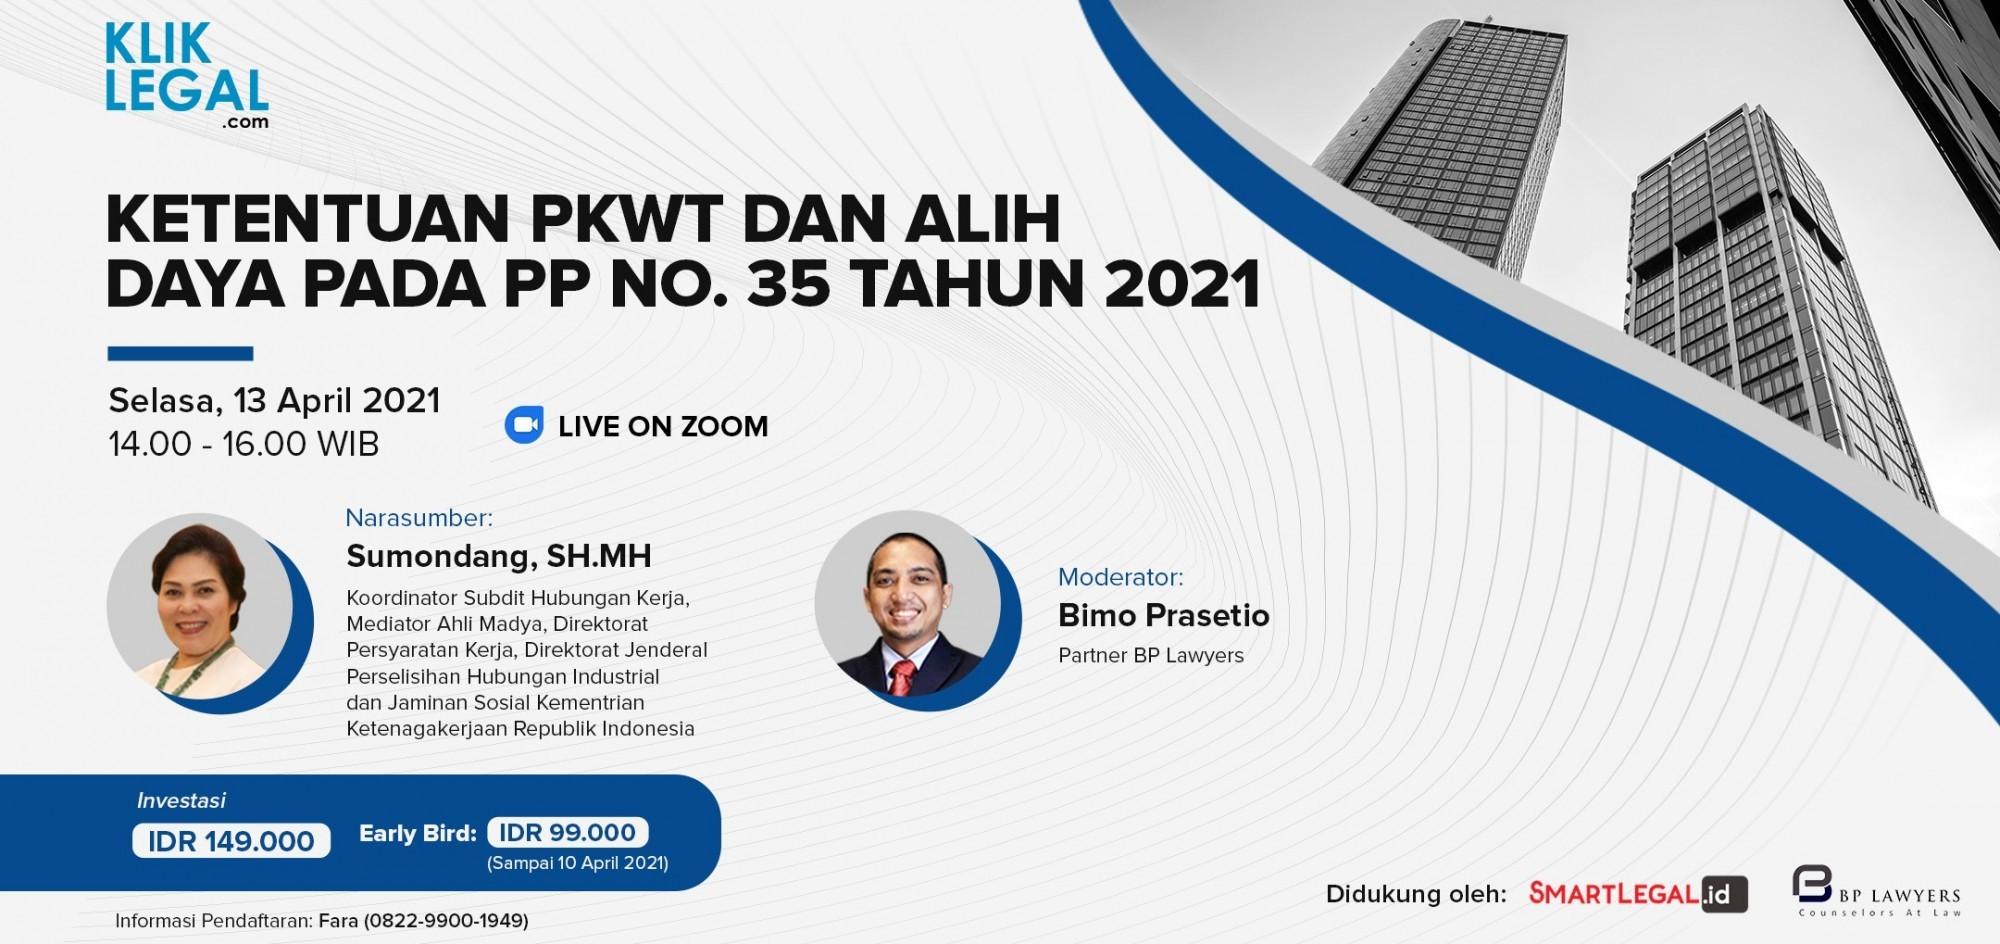 Ketentuan PKWT dan Alih Daya Pada PP No. 35 Tahun 2021